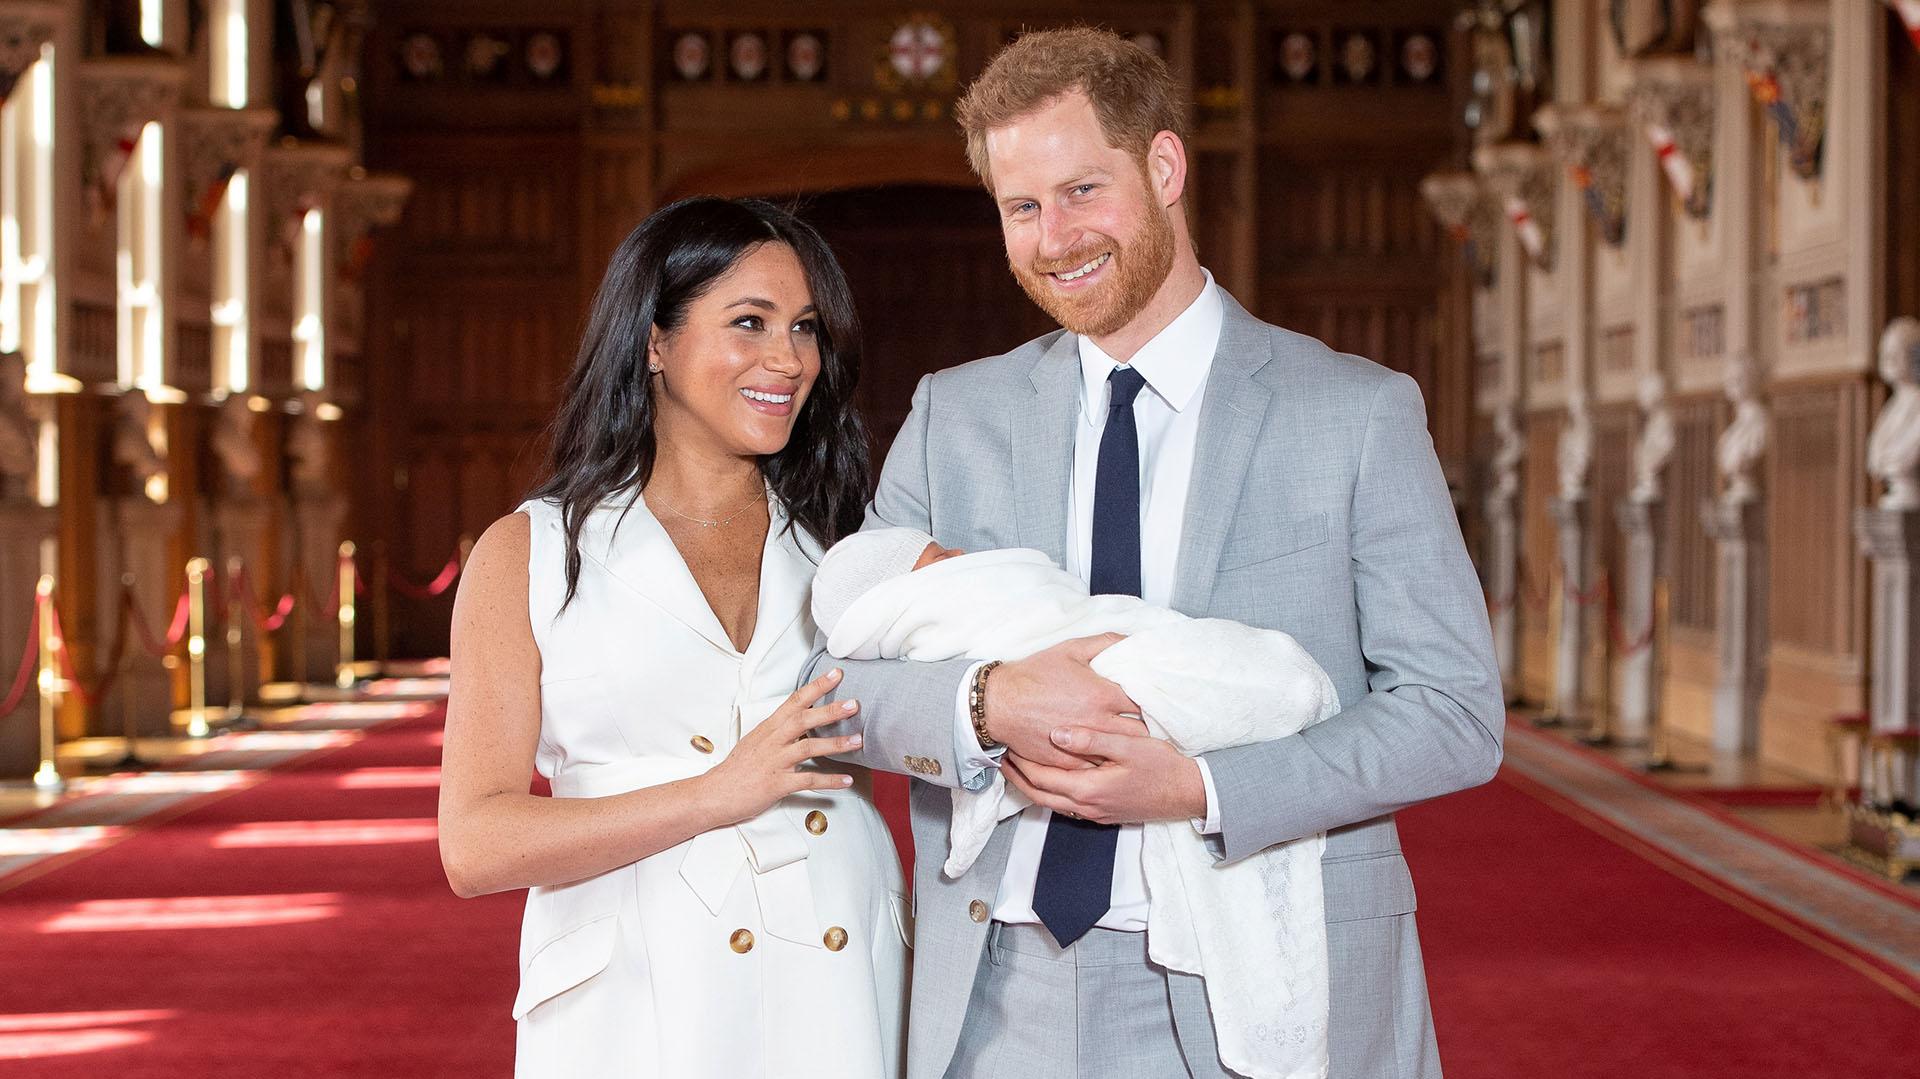 La presentación oficial de Archie Harrison Mountbatten-Windsor, el primer heredero de la pareja. Nació el 6 de mayo de 2019, a casi un año del aniversario de boda de Meghan Markle y Harry